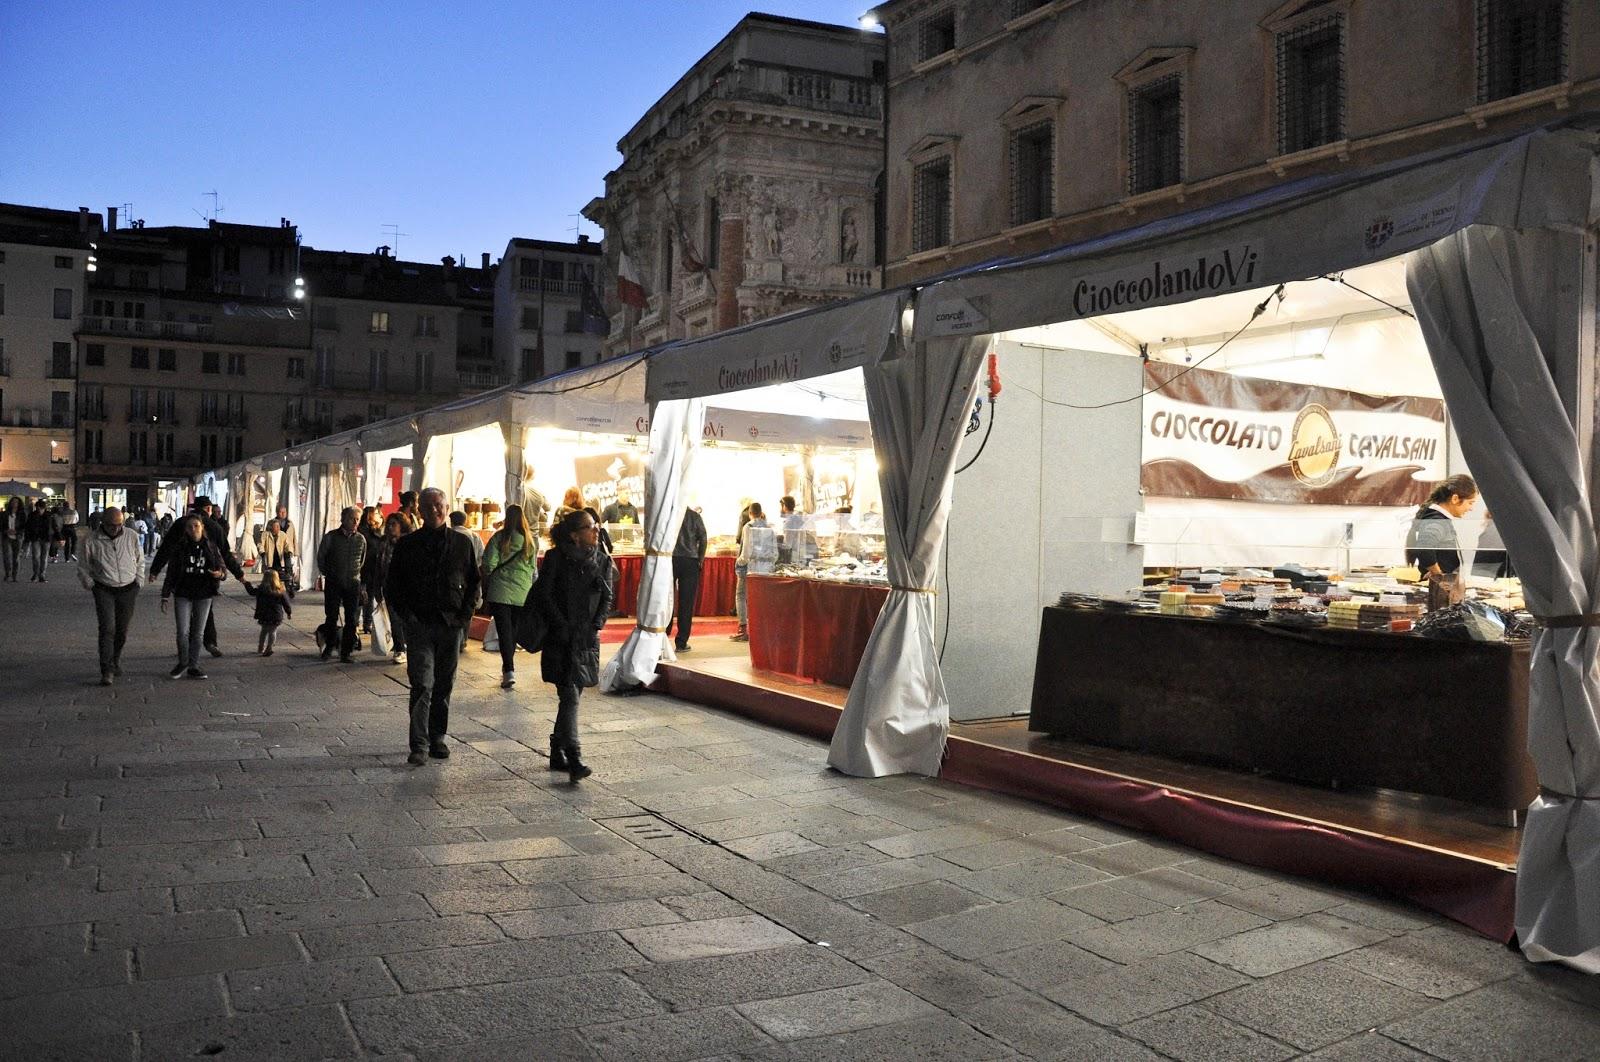 Chocolate Festival CioccolandoVi, Piazza dei Signori, Vicenza, Veneto, Italy